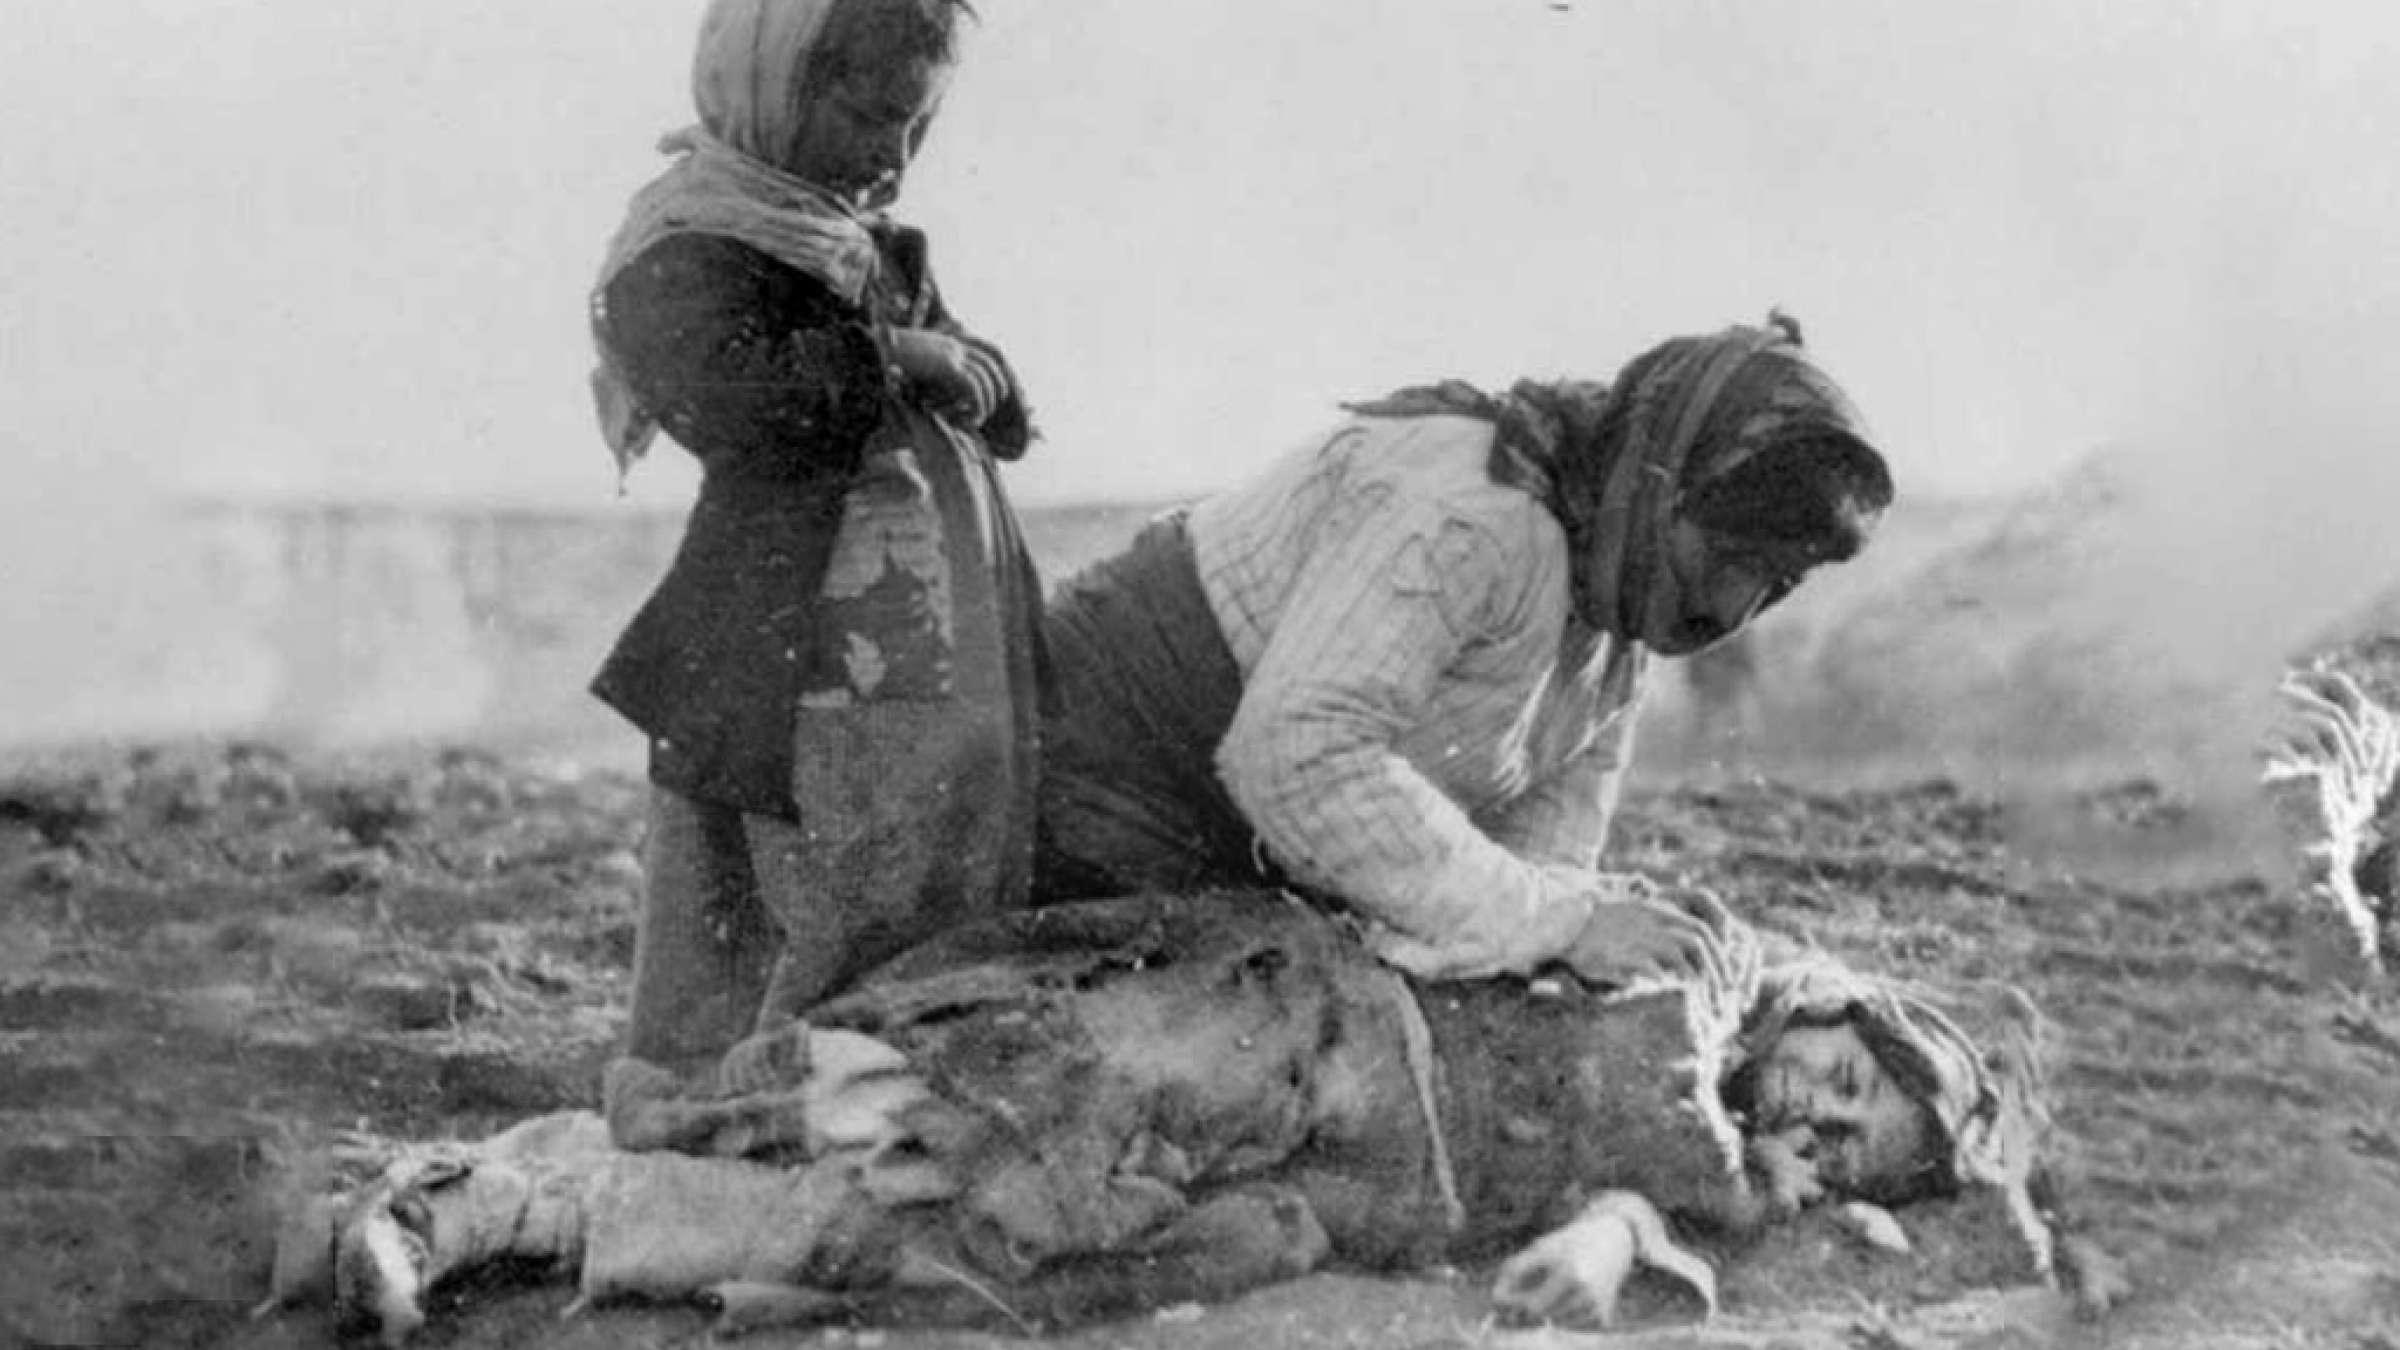 ادبیات-گلمحمدی-قحطی-بزرگ-در-ایران-نسلکشی-ده-میلیون-ایرانی